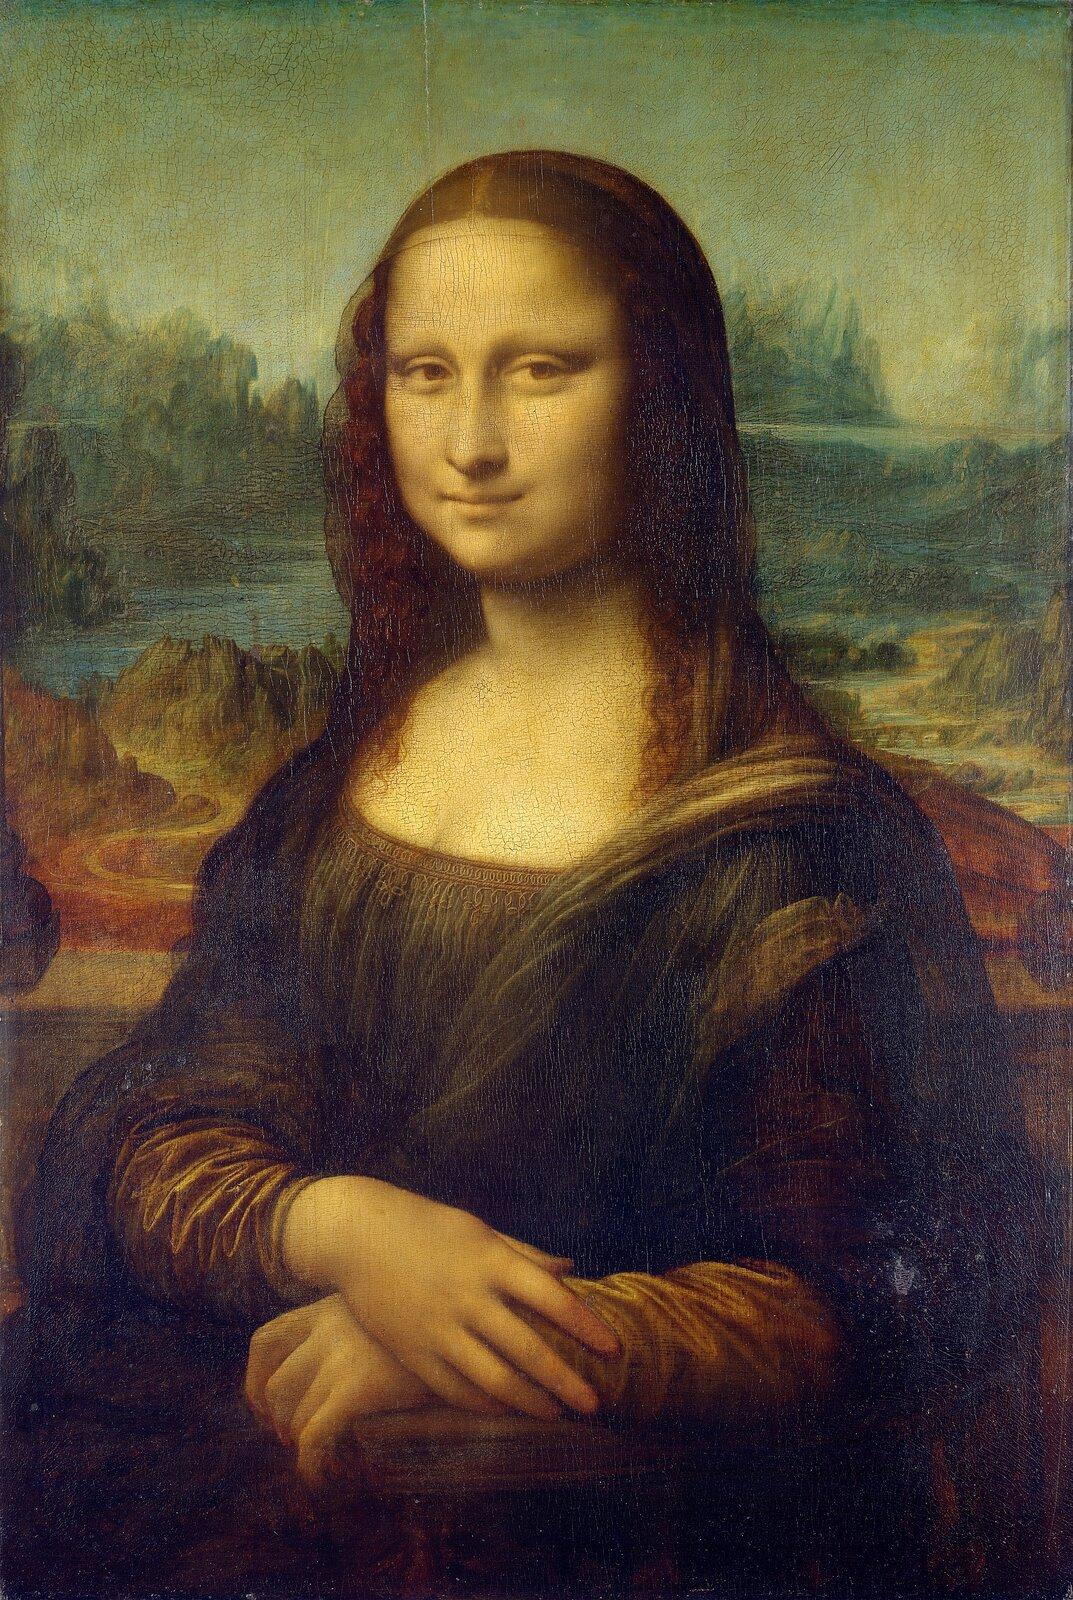 """Ilustracja przedstawia portret Leonarda da Vinci """"Mona Lisa"""", na którym na pierwszym planie ukazana jest wpołowie postaci Lisa Gherardini. Kobieta ujęta została zlewego półprofilu. Stoi na tle dalekiego, rozległego pejzażu zzałożonymi na pulpicie rękoma. Ma luźno rozpuszczone włosy, wysokie czoło, ana jej twarzy widnieje tajemniczy uśmiech. Portret charakteryzuje się miękkością modelunku isubtelną elegancją pozy."""